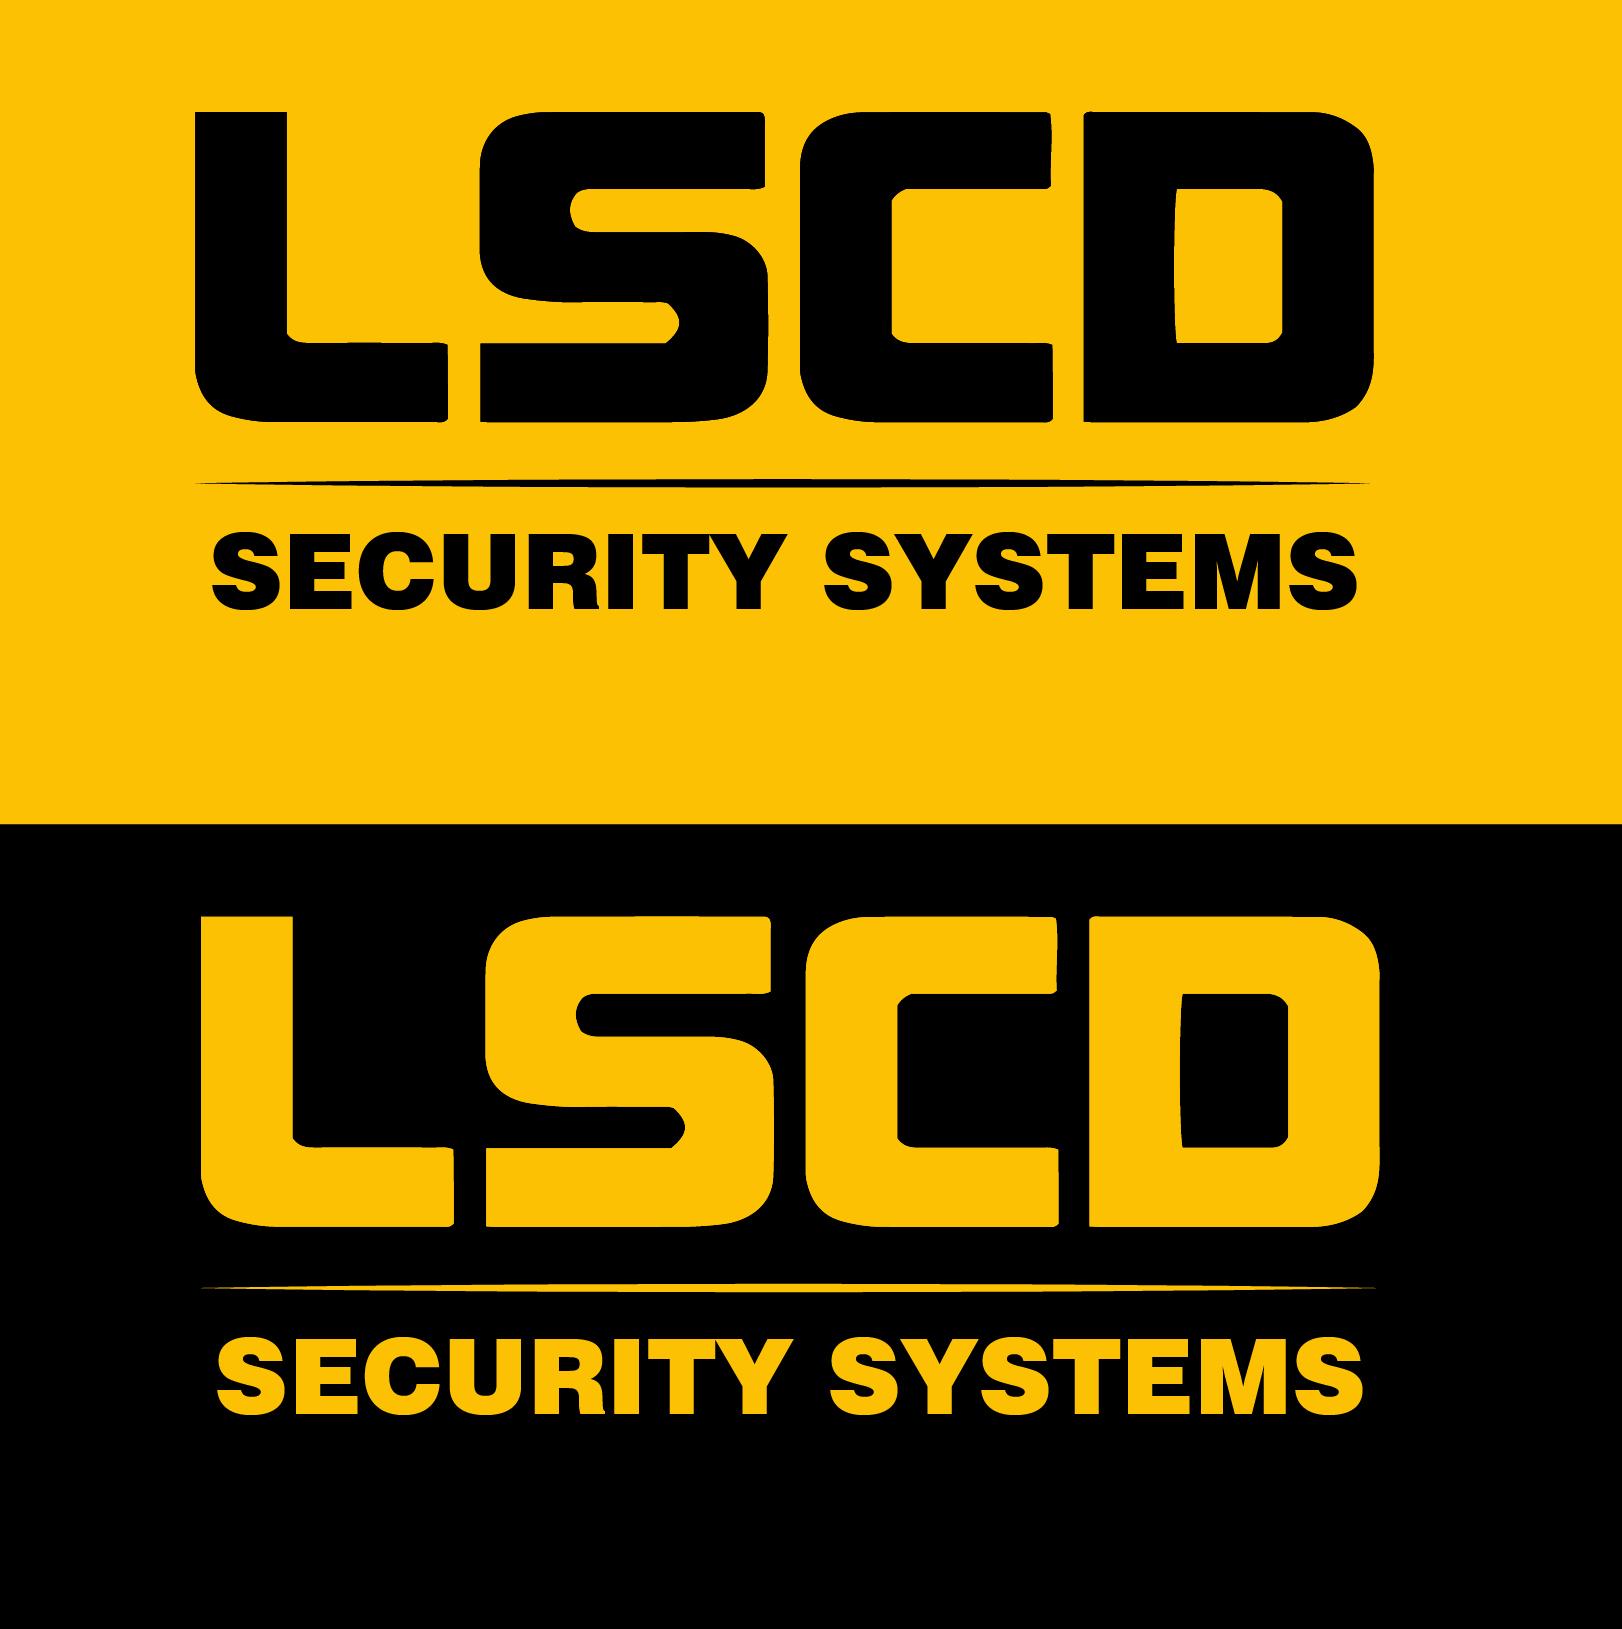 Logo variations explored